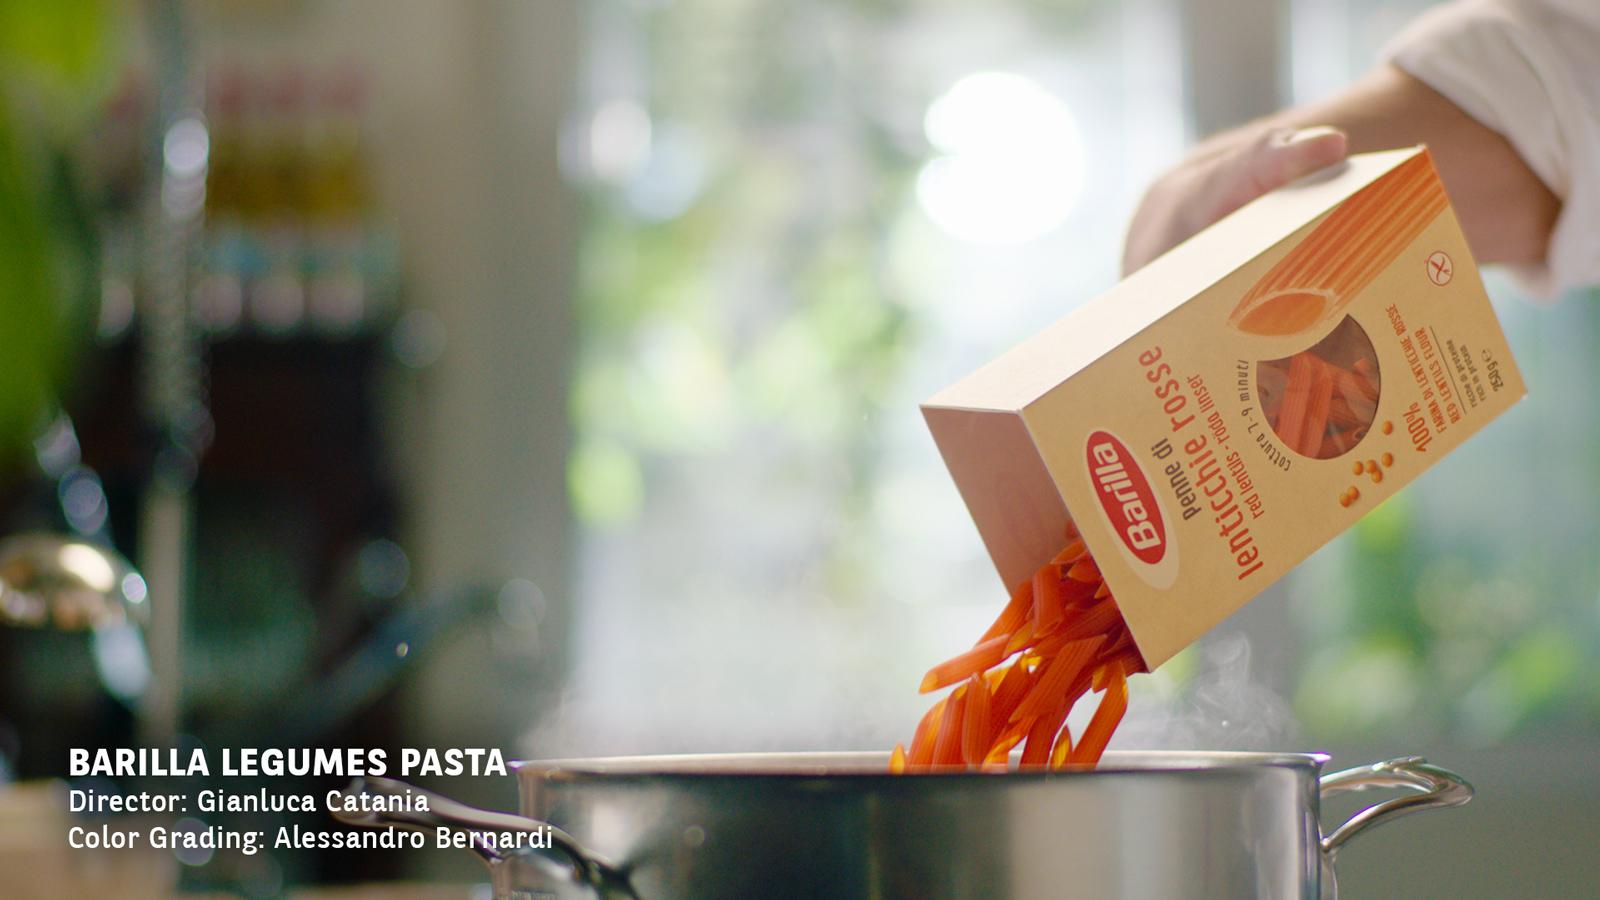 Barilla-legumes-pasta-Alessandro-Bernard